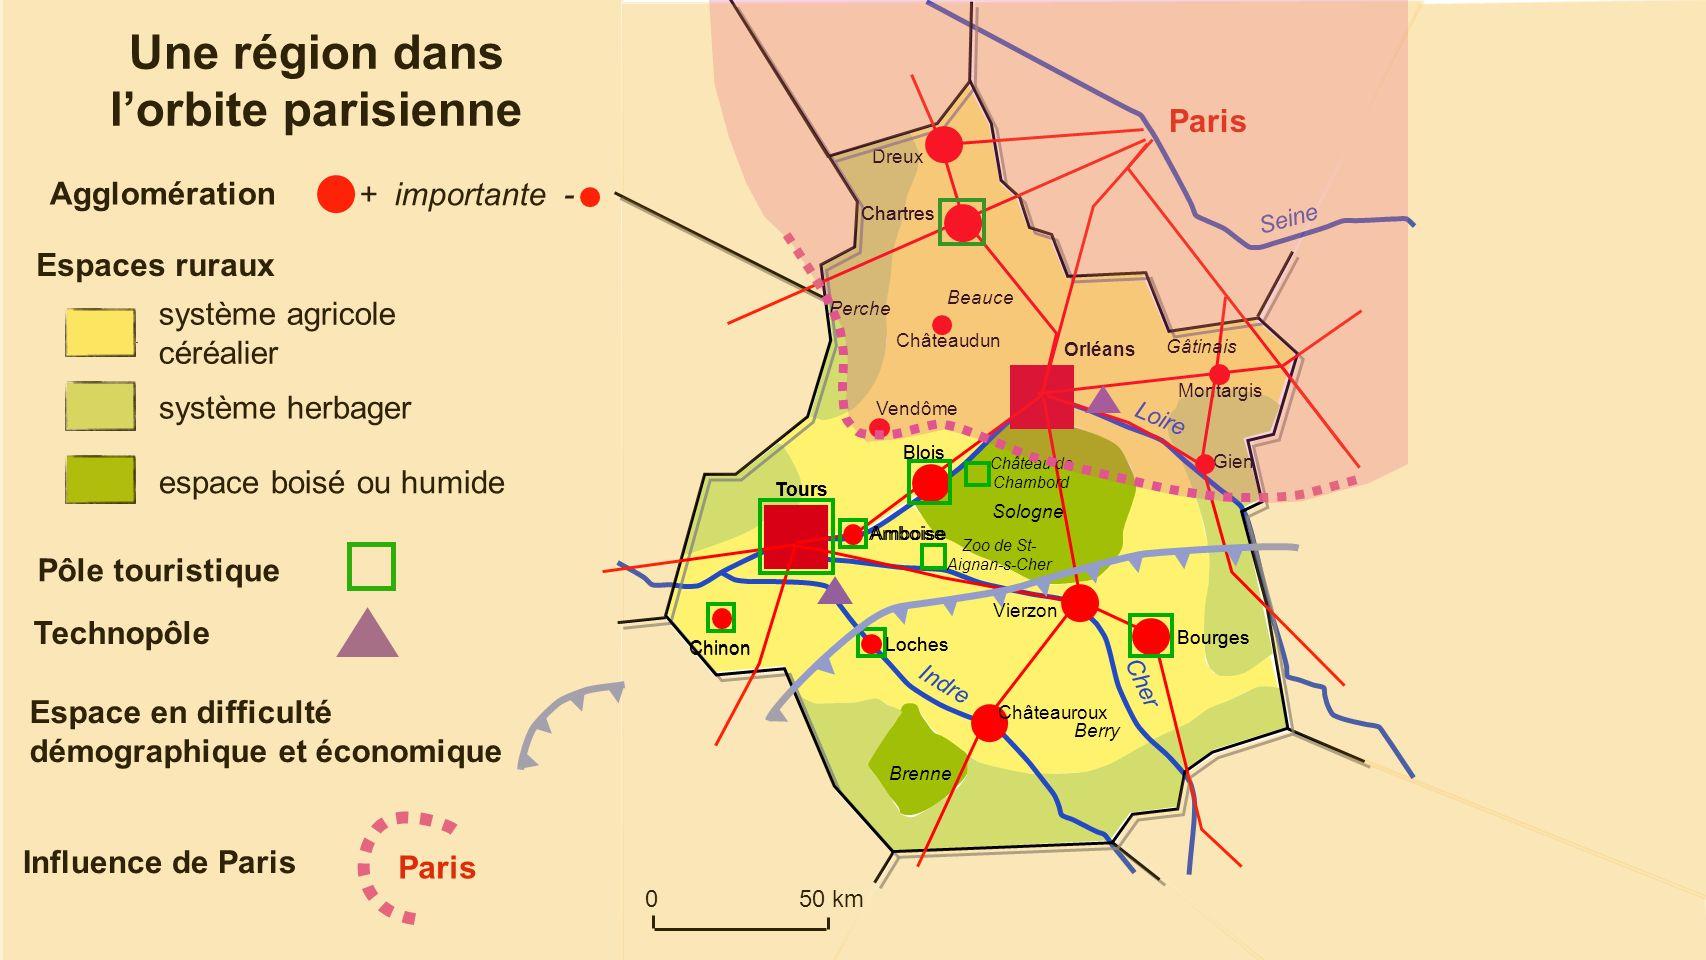 Dreux Loire Cher Indre Seine 050 km Une région dans lorbite parisienne Agglomération + importante - Bourges Blois Châteauroux Amboise Chartres Montarg